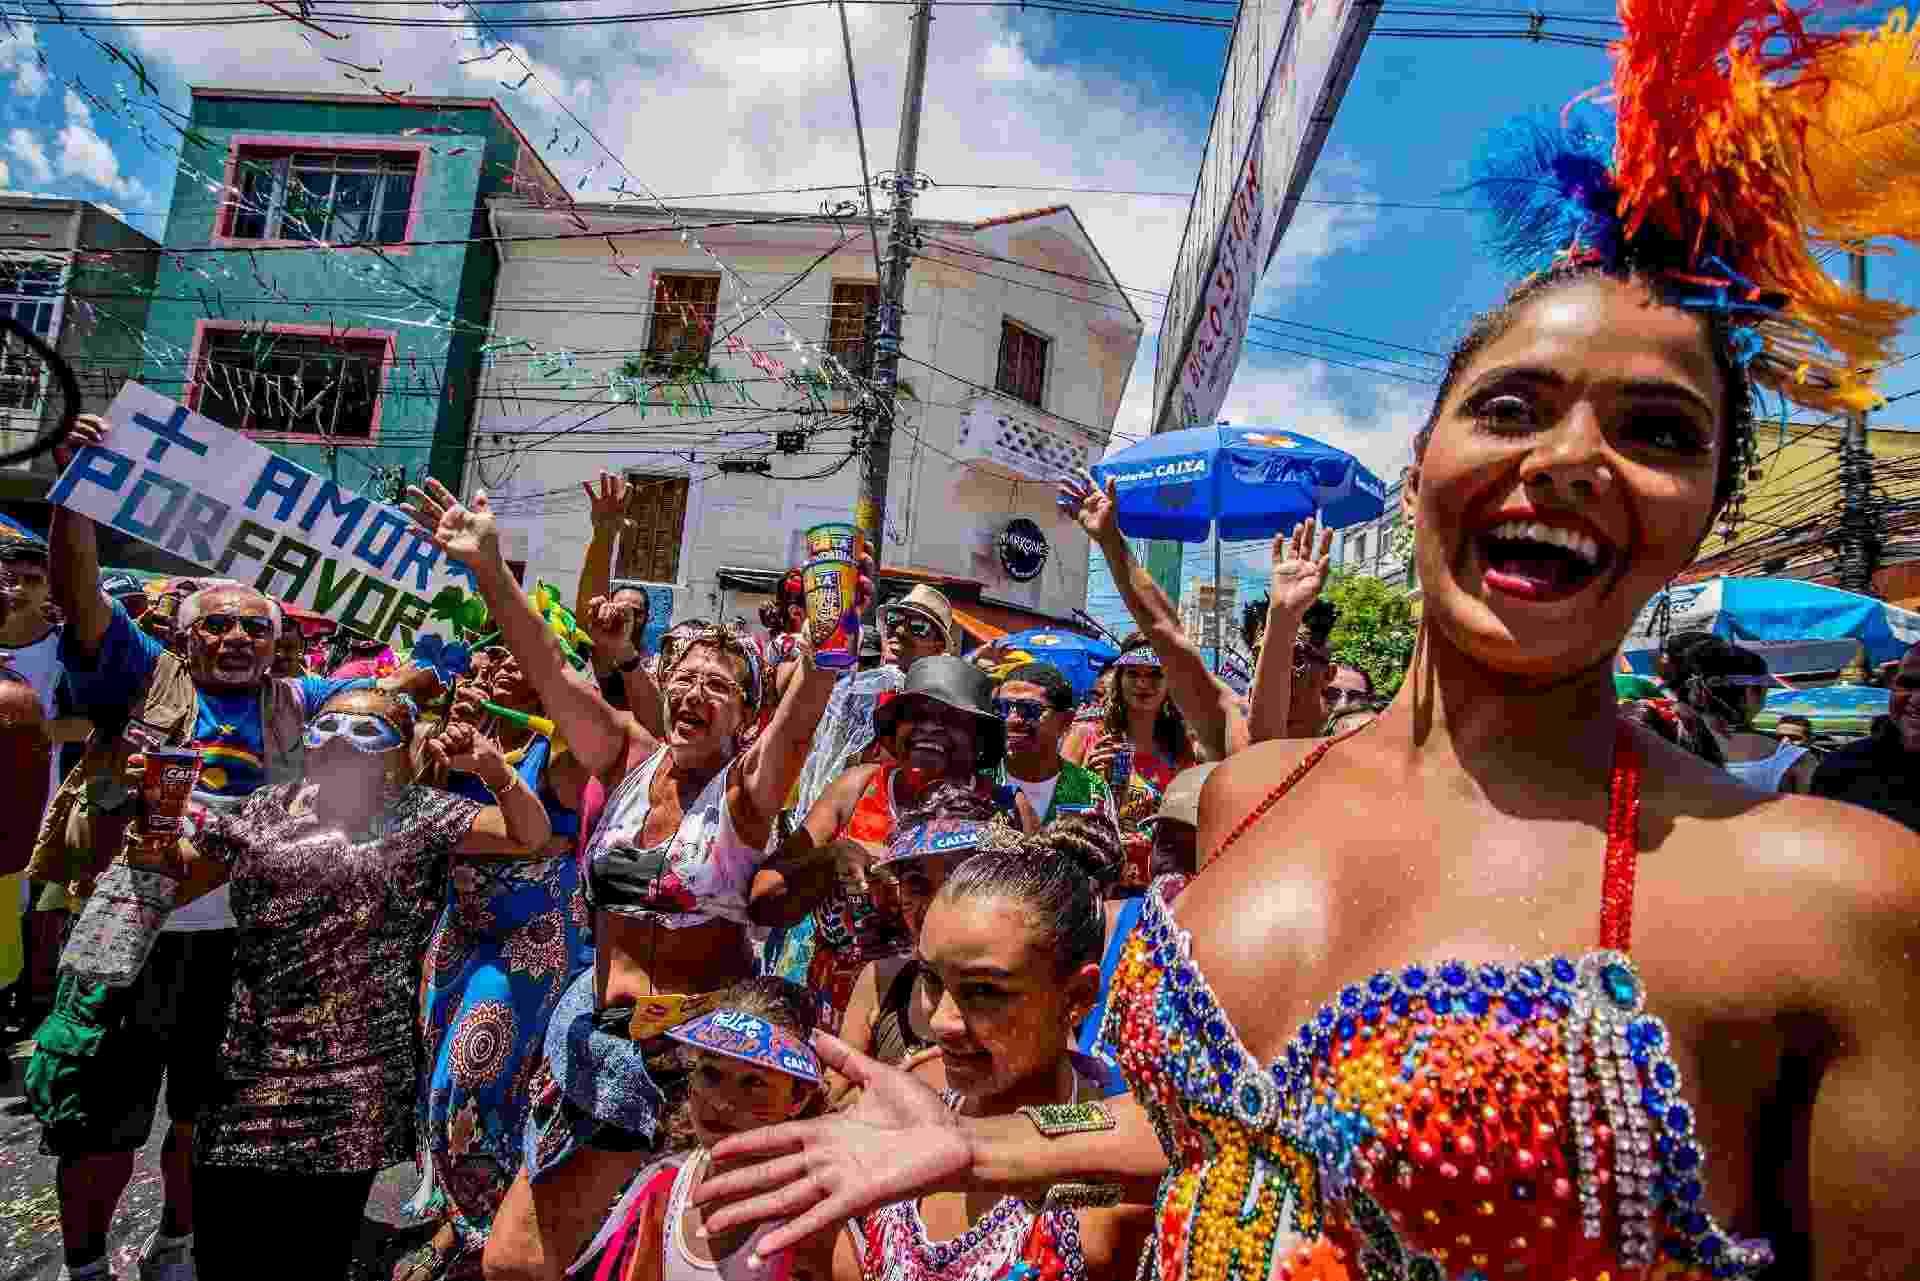 """Bloco """"Bloco dos Esfarrapados"""" já toma a conta das ruas do Bexiga, bairro de São Paulo - CRIS FAGA/FOX PRESS PHOTO/ESTADÃO CONTEÚDO"""